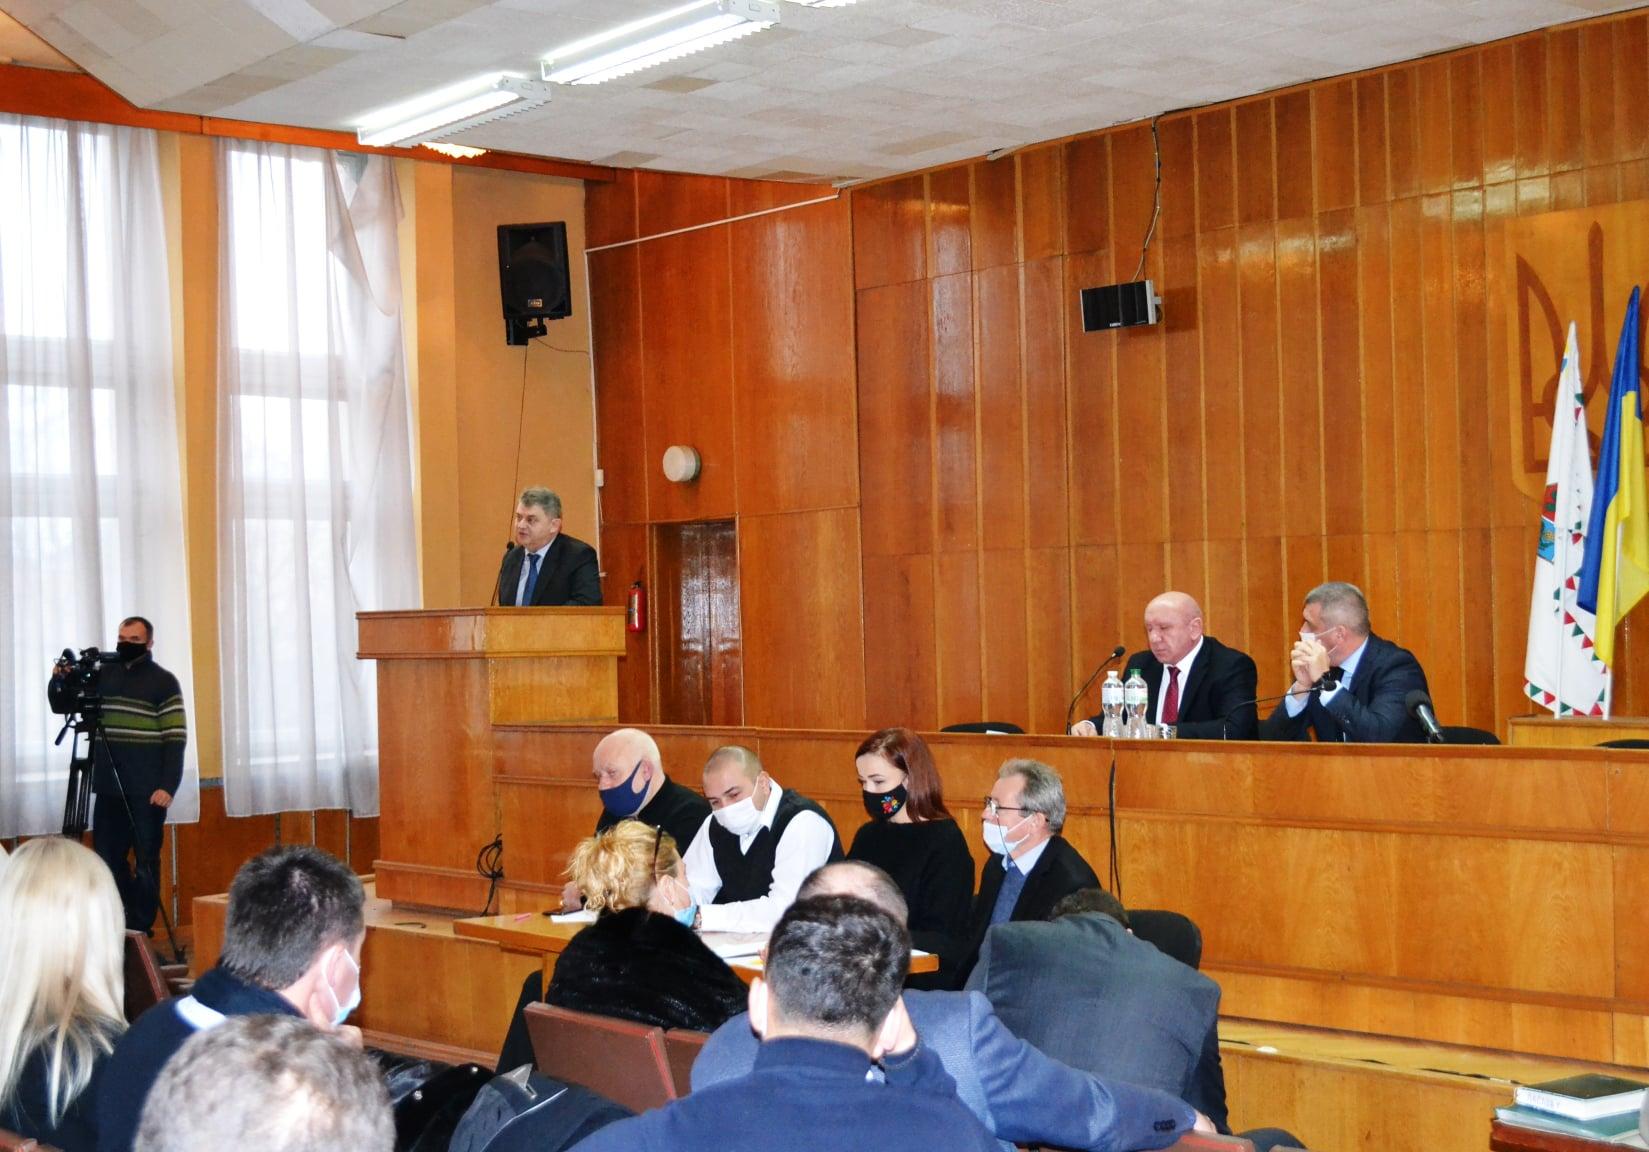 Заместителем председателя Береговского райсовета стал бывший председатель Вынохрадовской районной государственной администрации Михаил Кочиш.